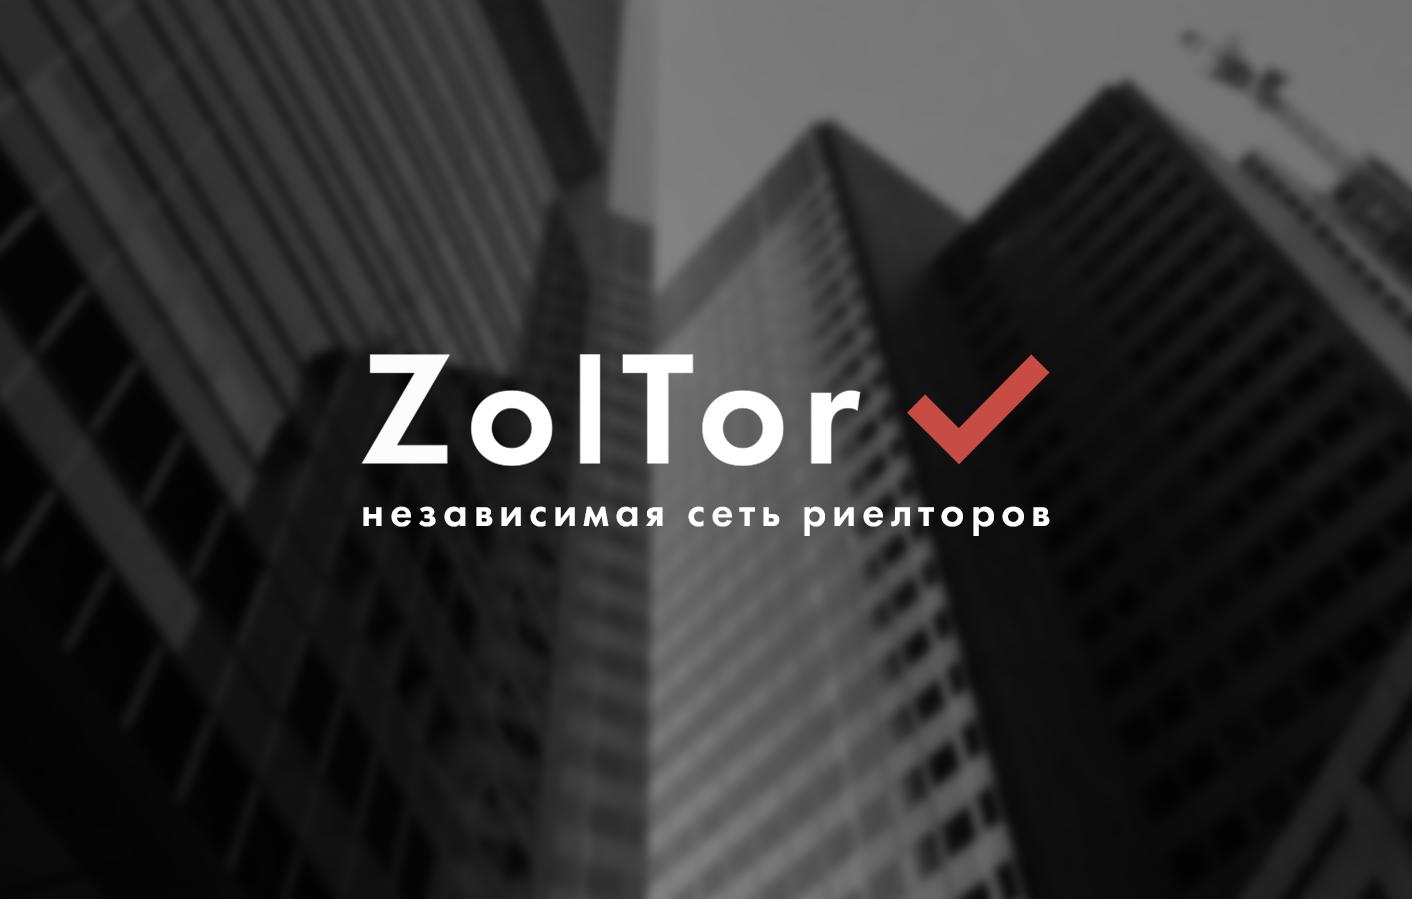 Логотип и фирменный стиль ZolTor24 фото f_1935c93f83f52b3f.png